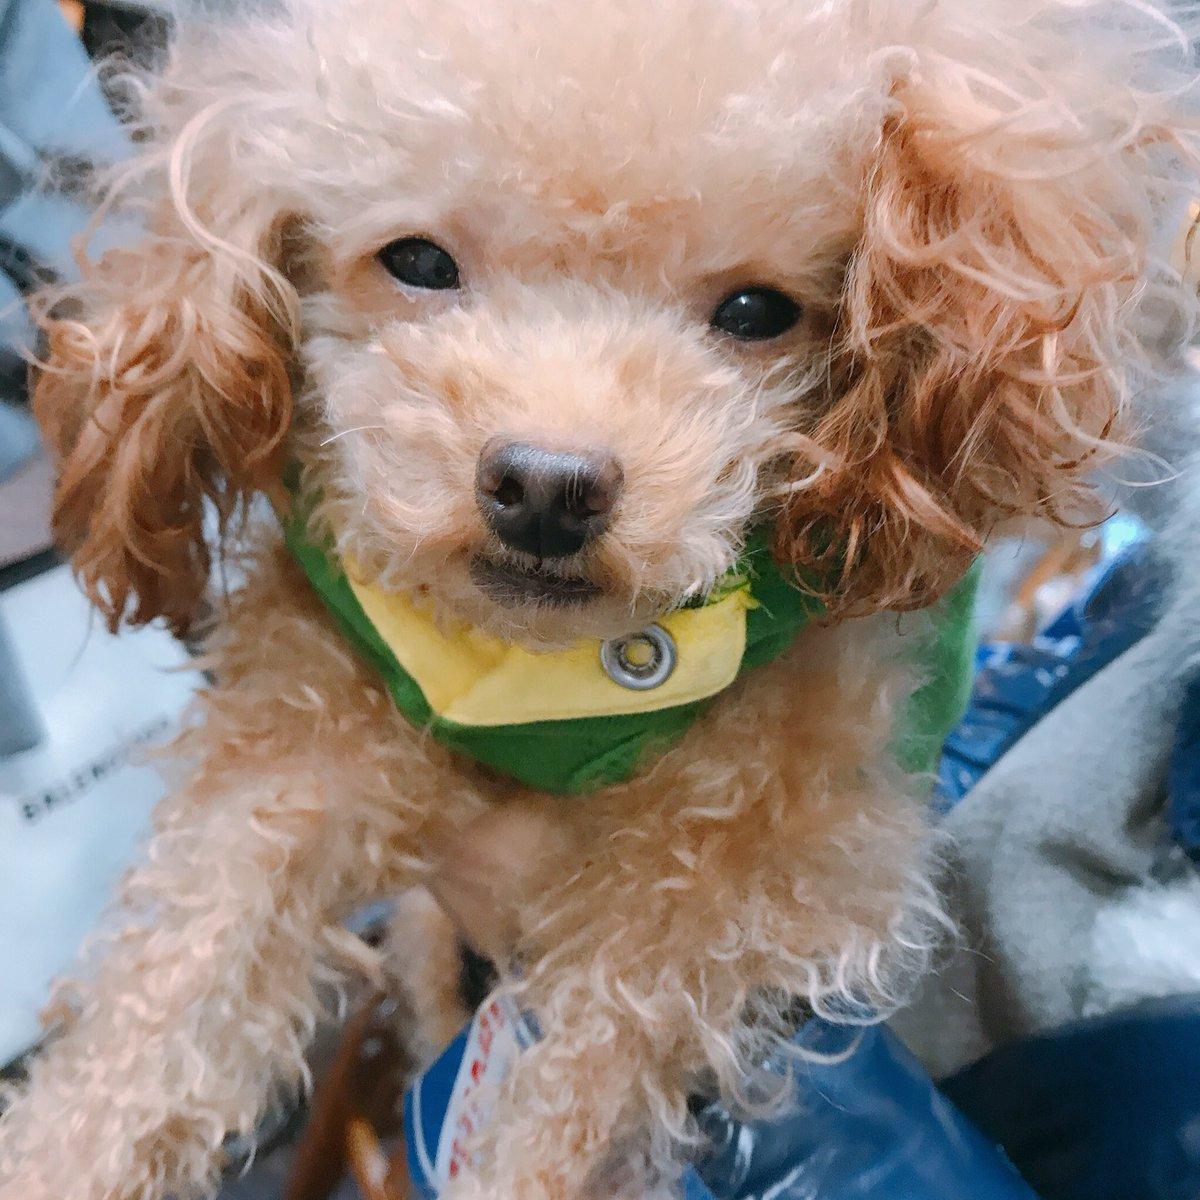 今日の19時まで、広尾プラザのケンタッキー前で、チャリティーバザーやってます!私も昨日行きました! 可愛い保護犬ちゃんに会えますよ! 売り上げは、みんなの医療代などに使われます。障害を抱えてるコ達の、大切な命を救うお手伝いをしてい… https://t.co/lrBgKNhnTZ